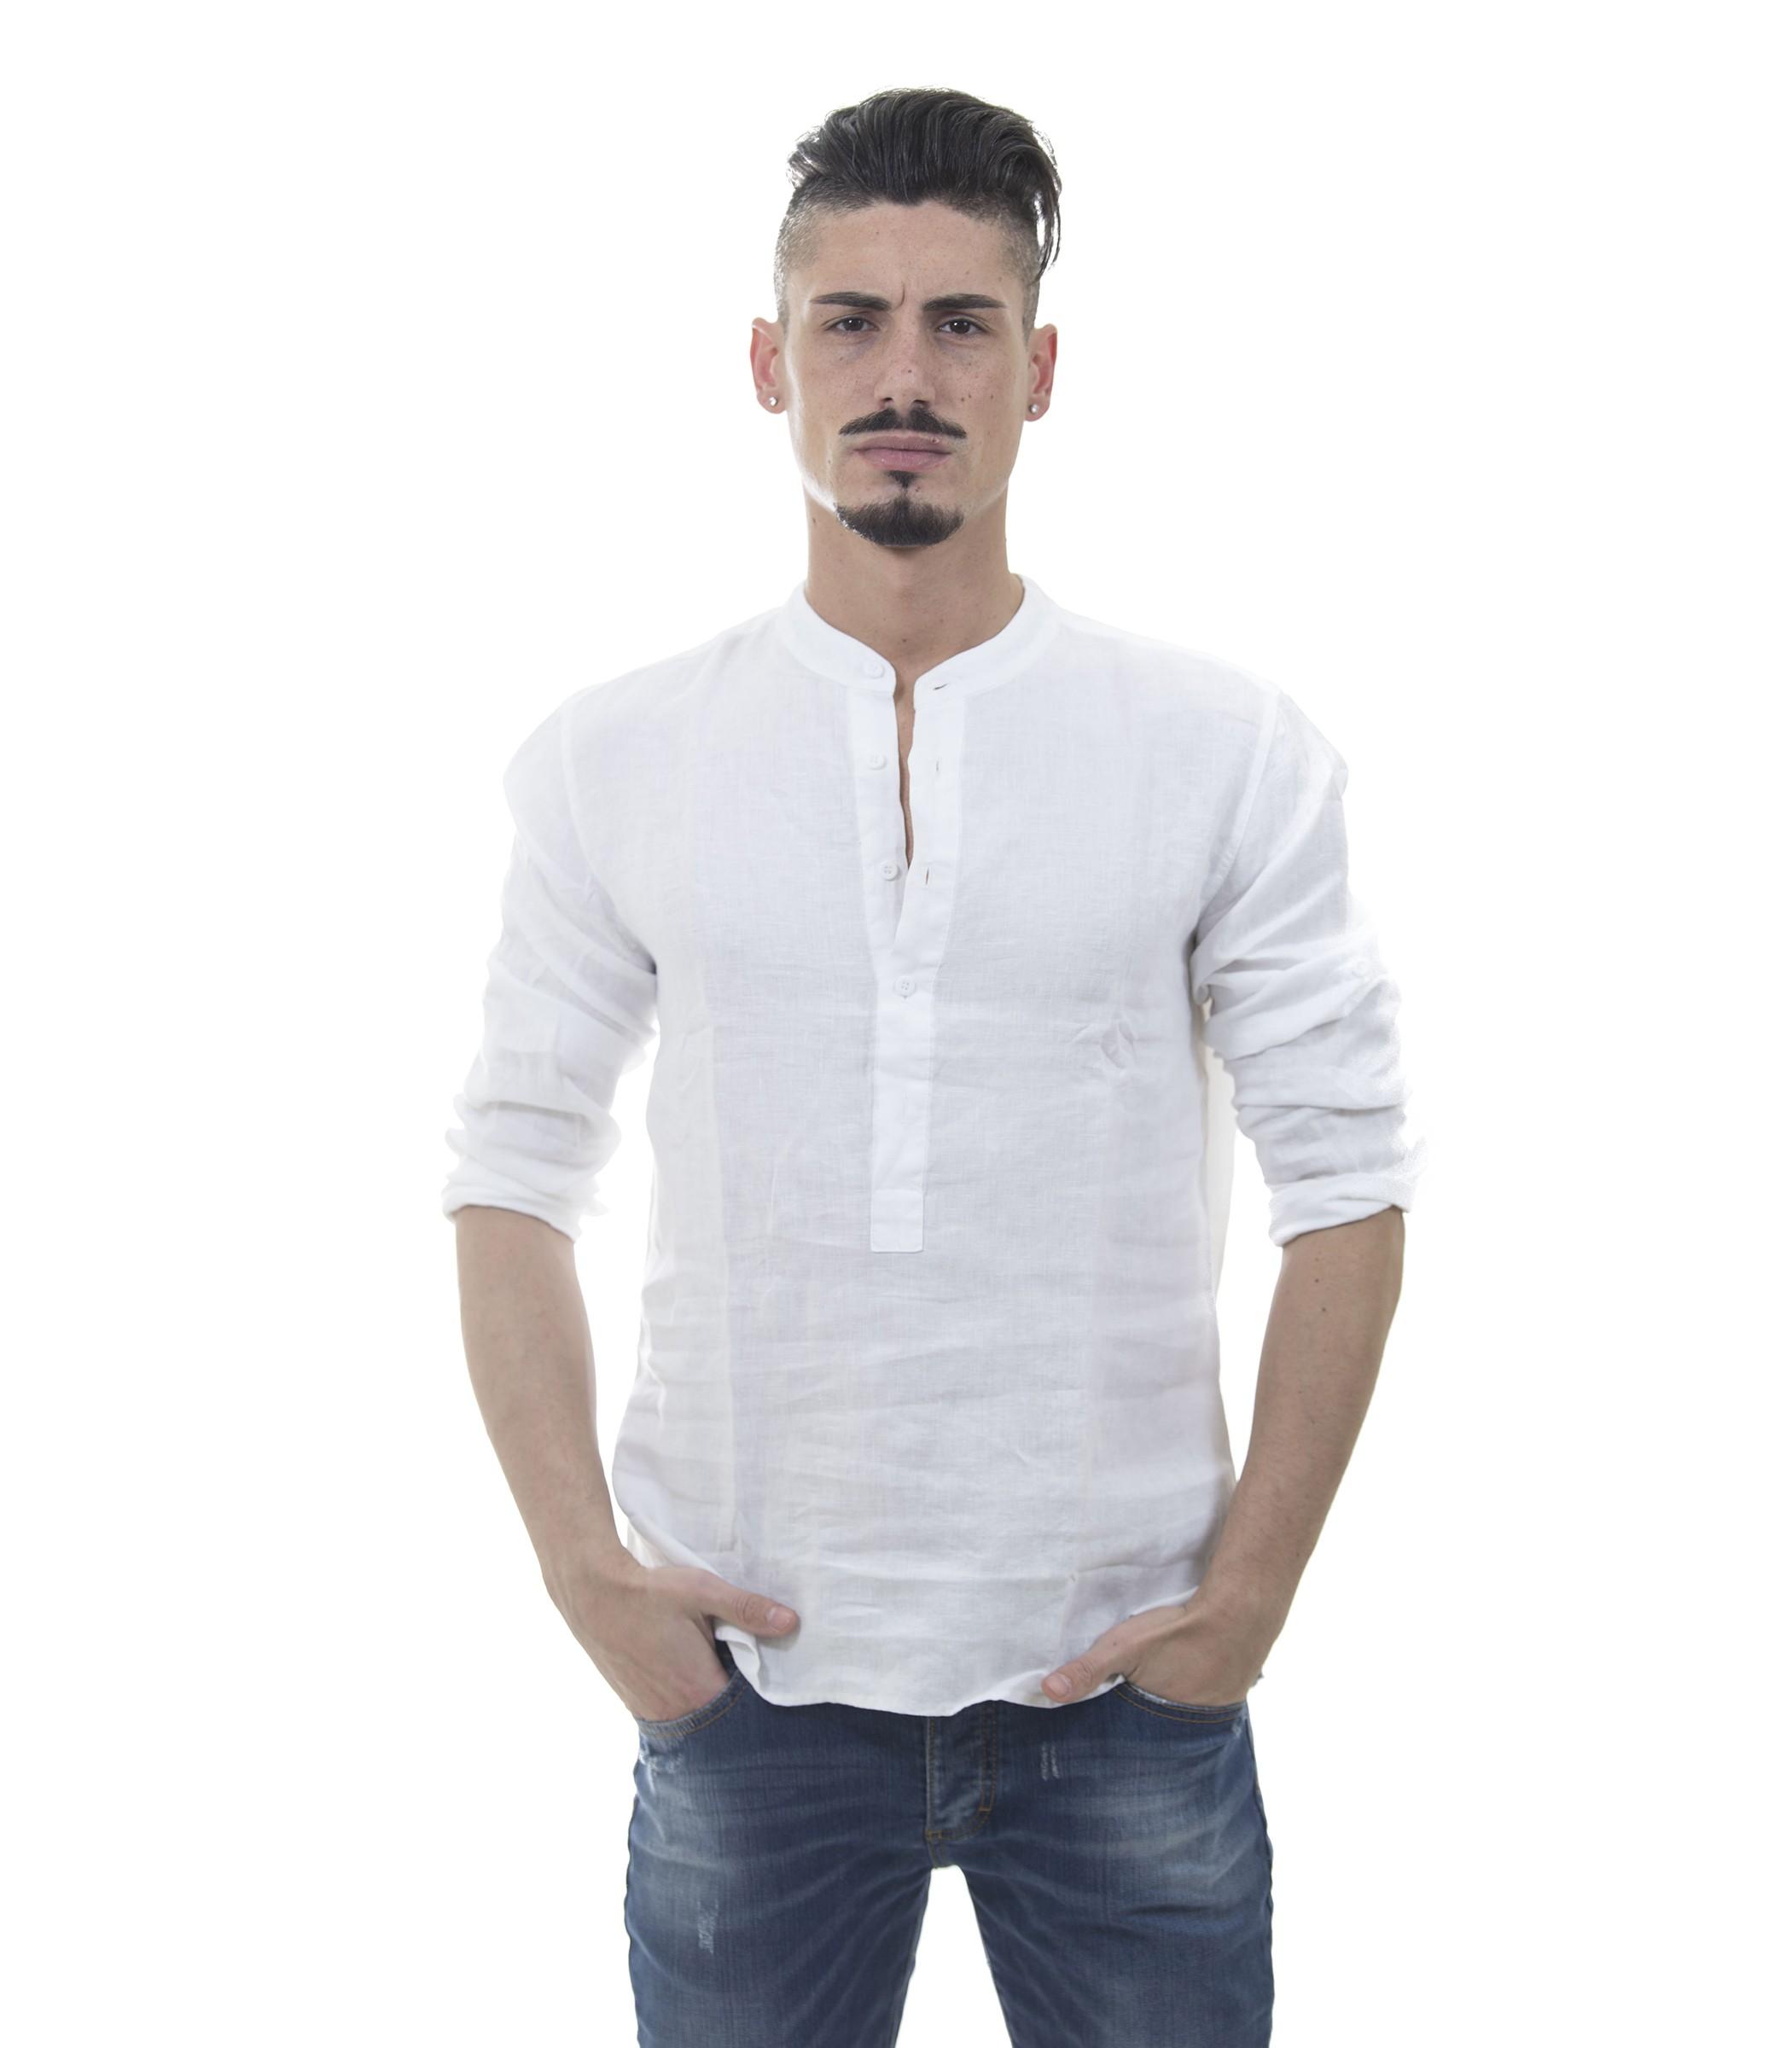 7418b96482 Camicia casacca puro lino con collo coreana - uomo www.montorostore.it